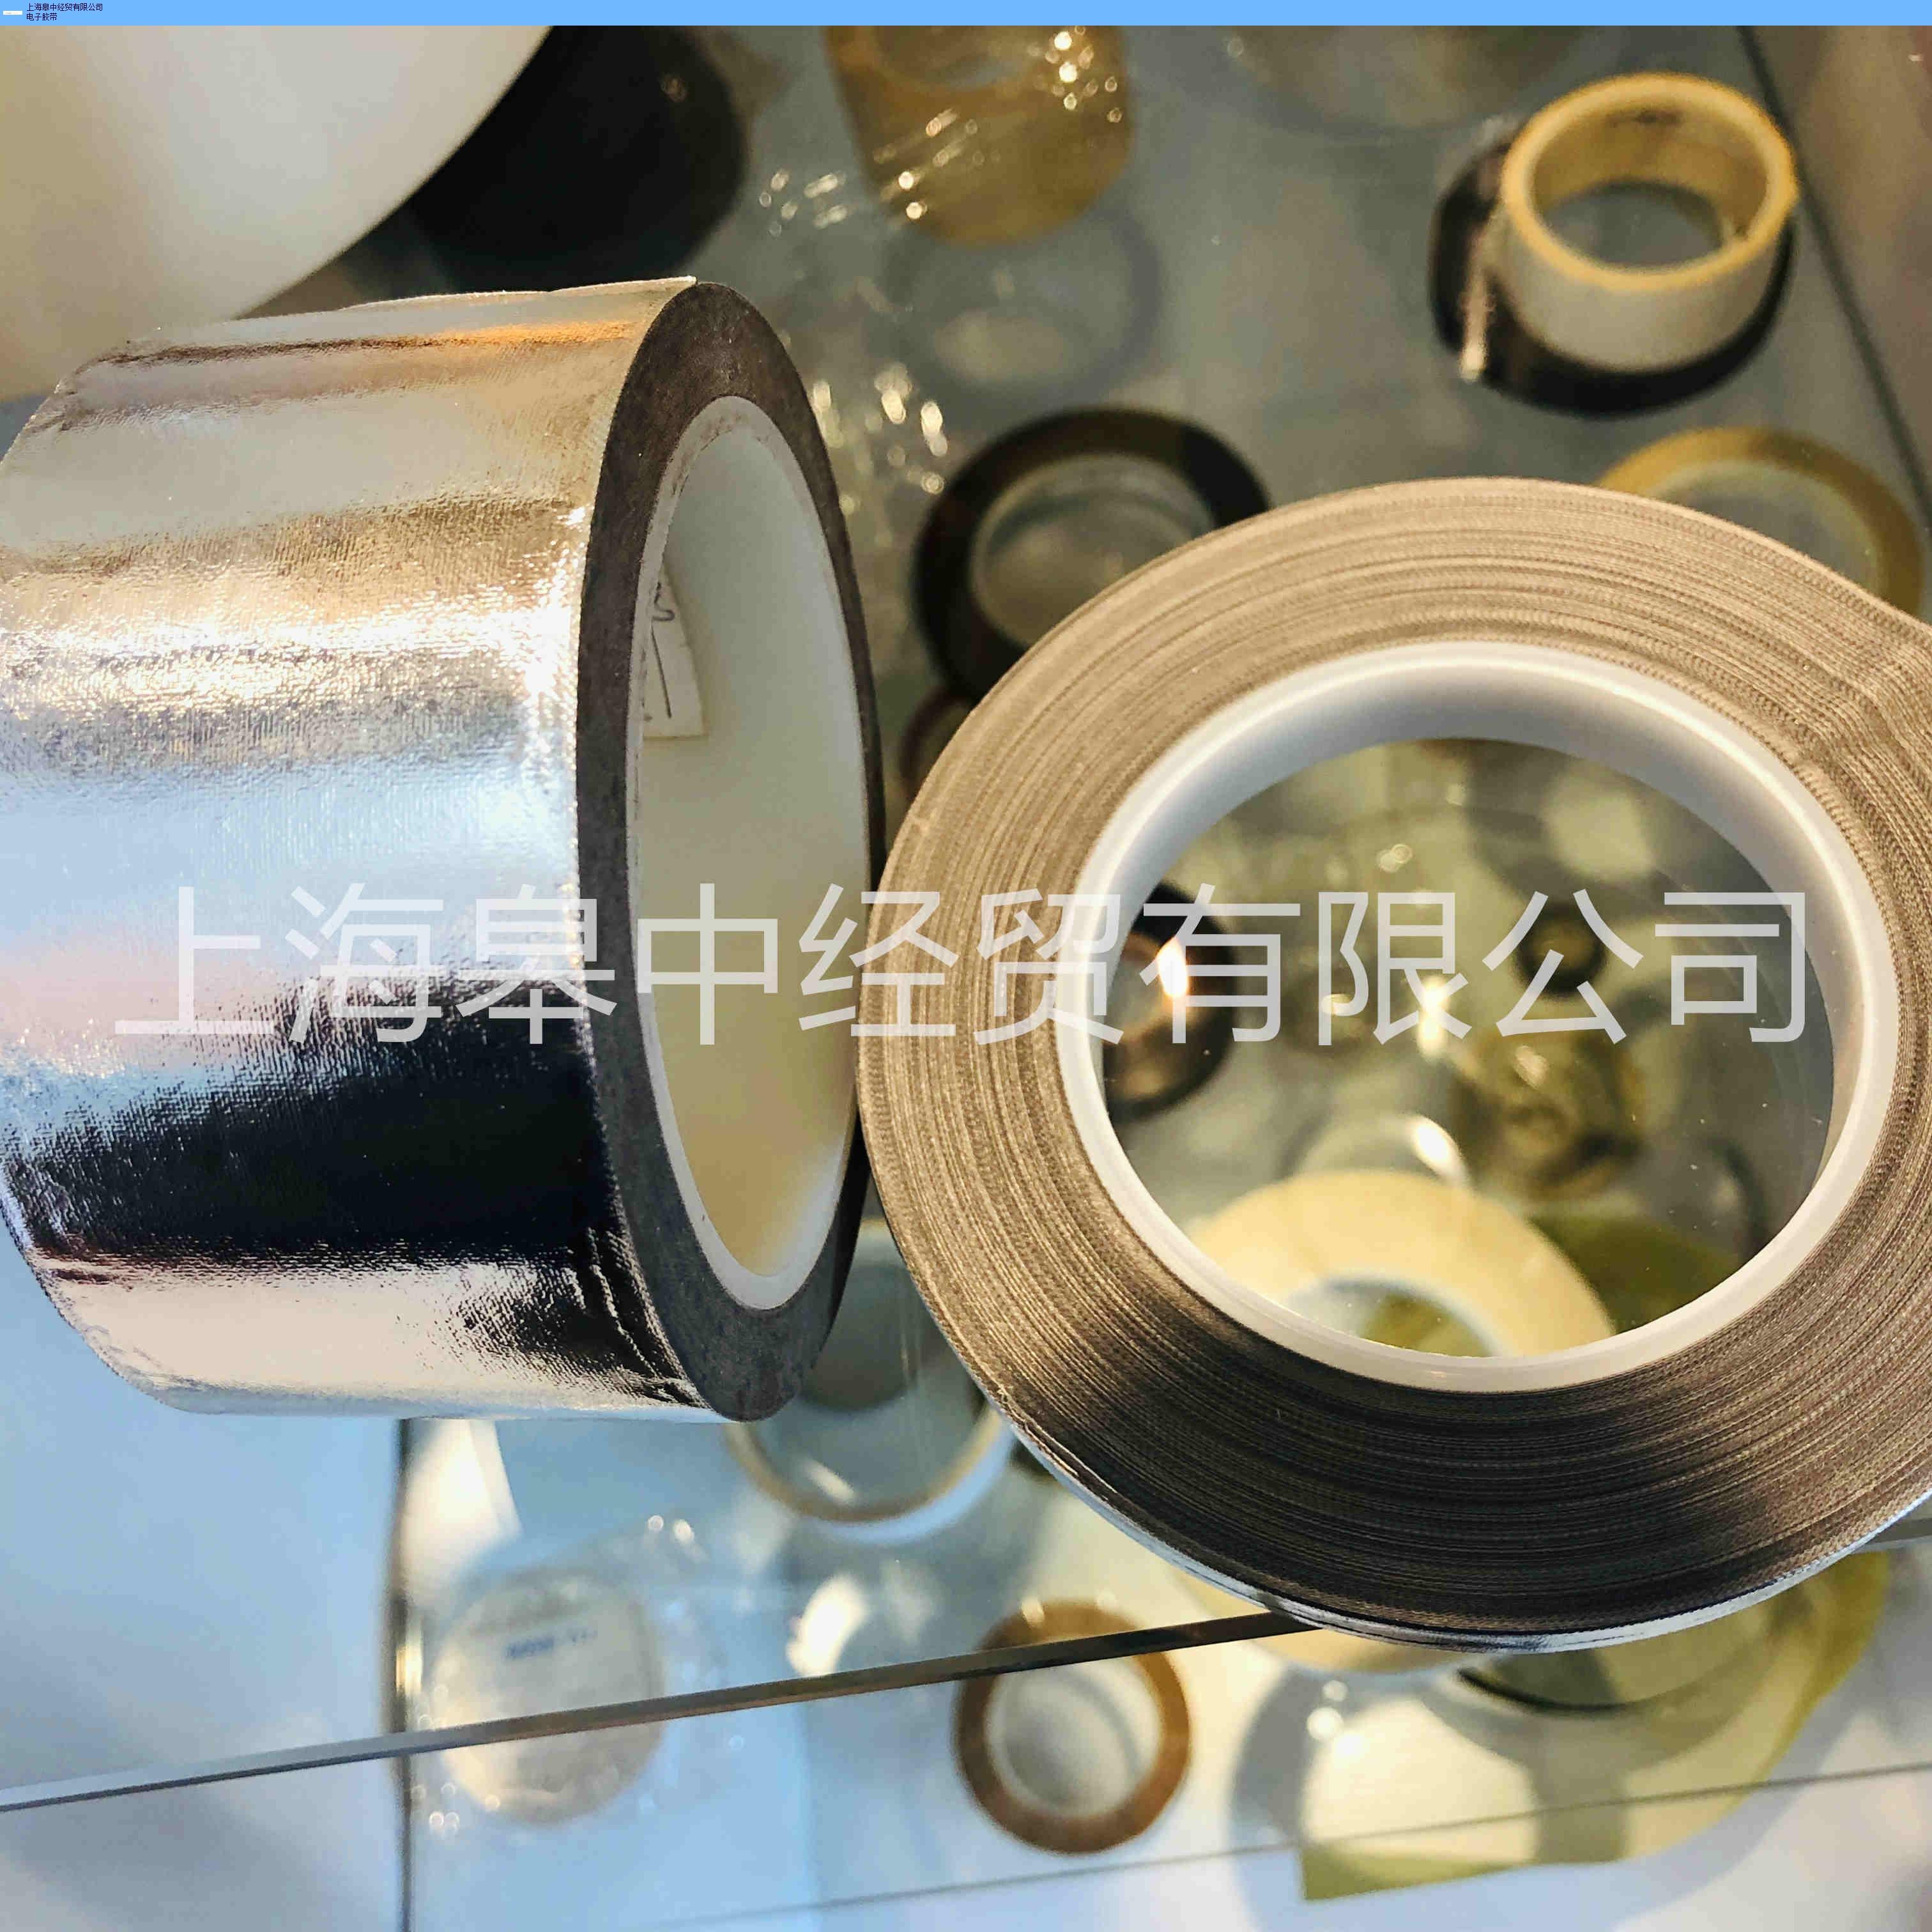 天津铝箔727铝箔复合玻璃布高温胶带哪家强,727铝箔复合玻璃布高温胶带